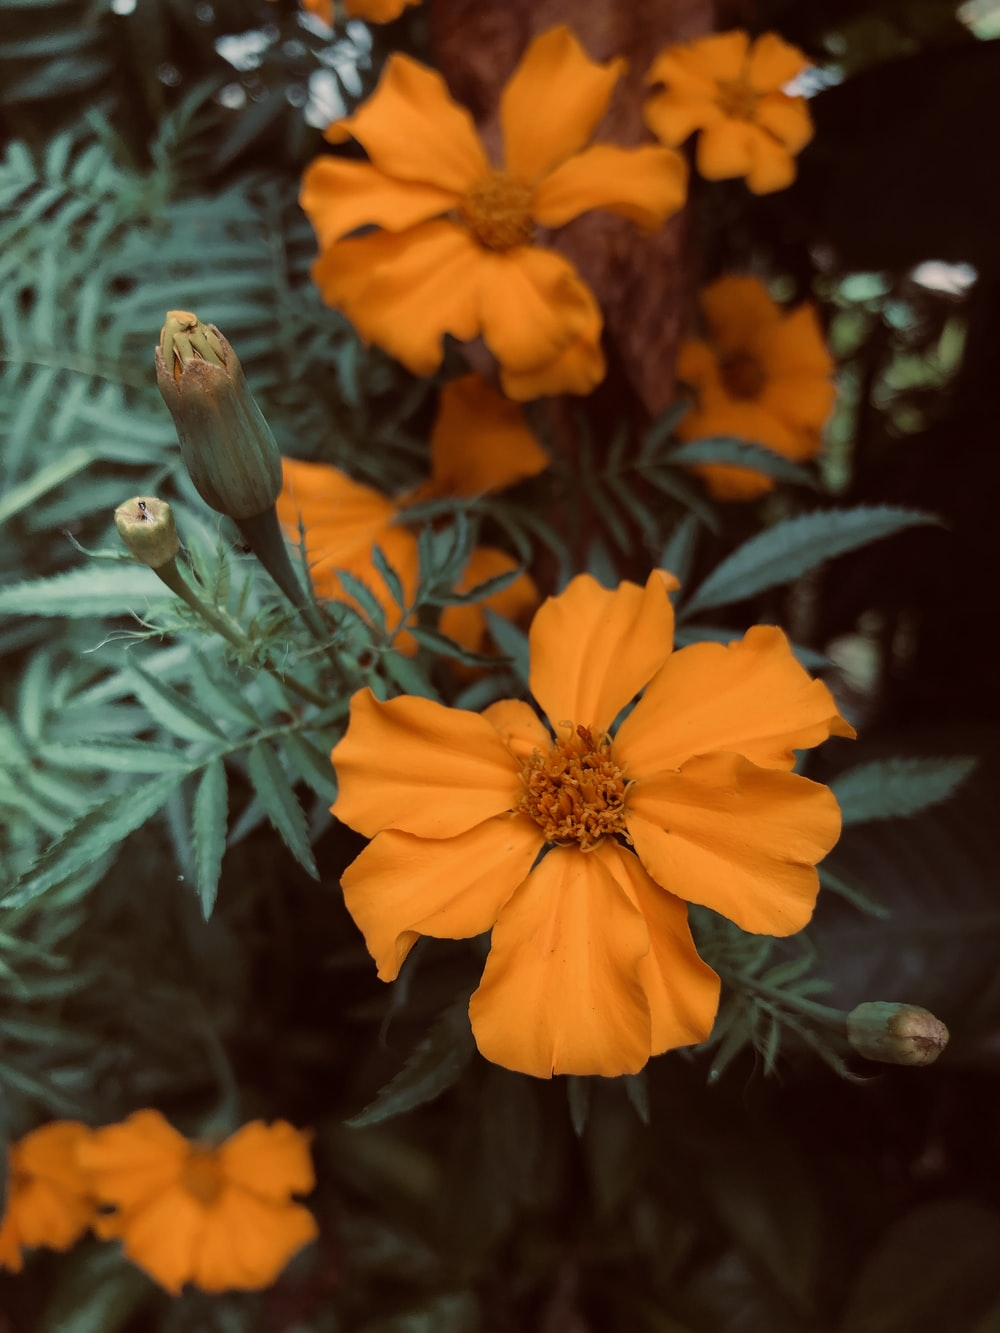 orange-petaled flowers with leaves